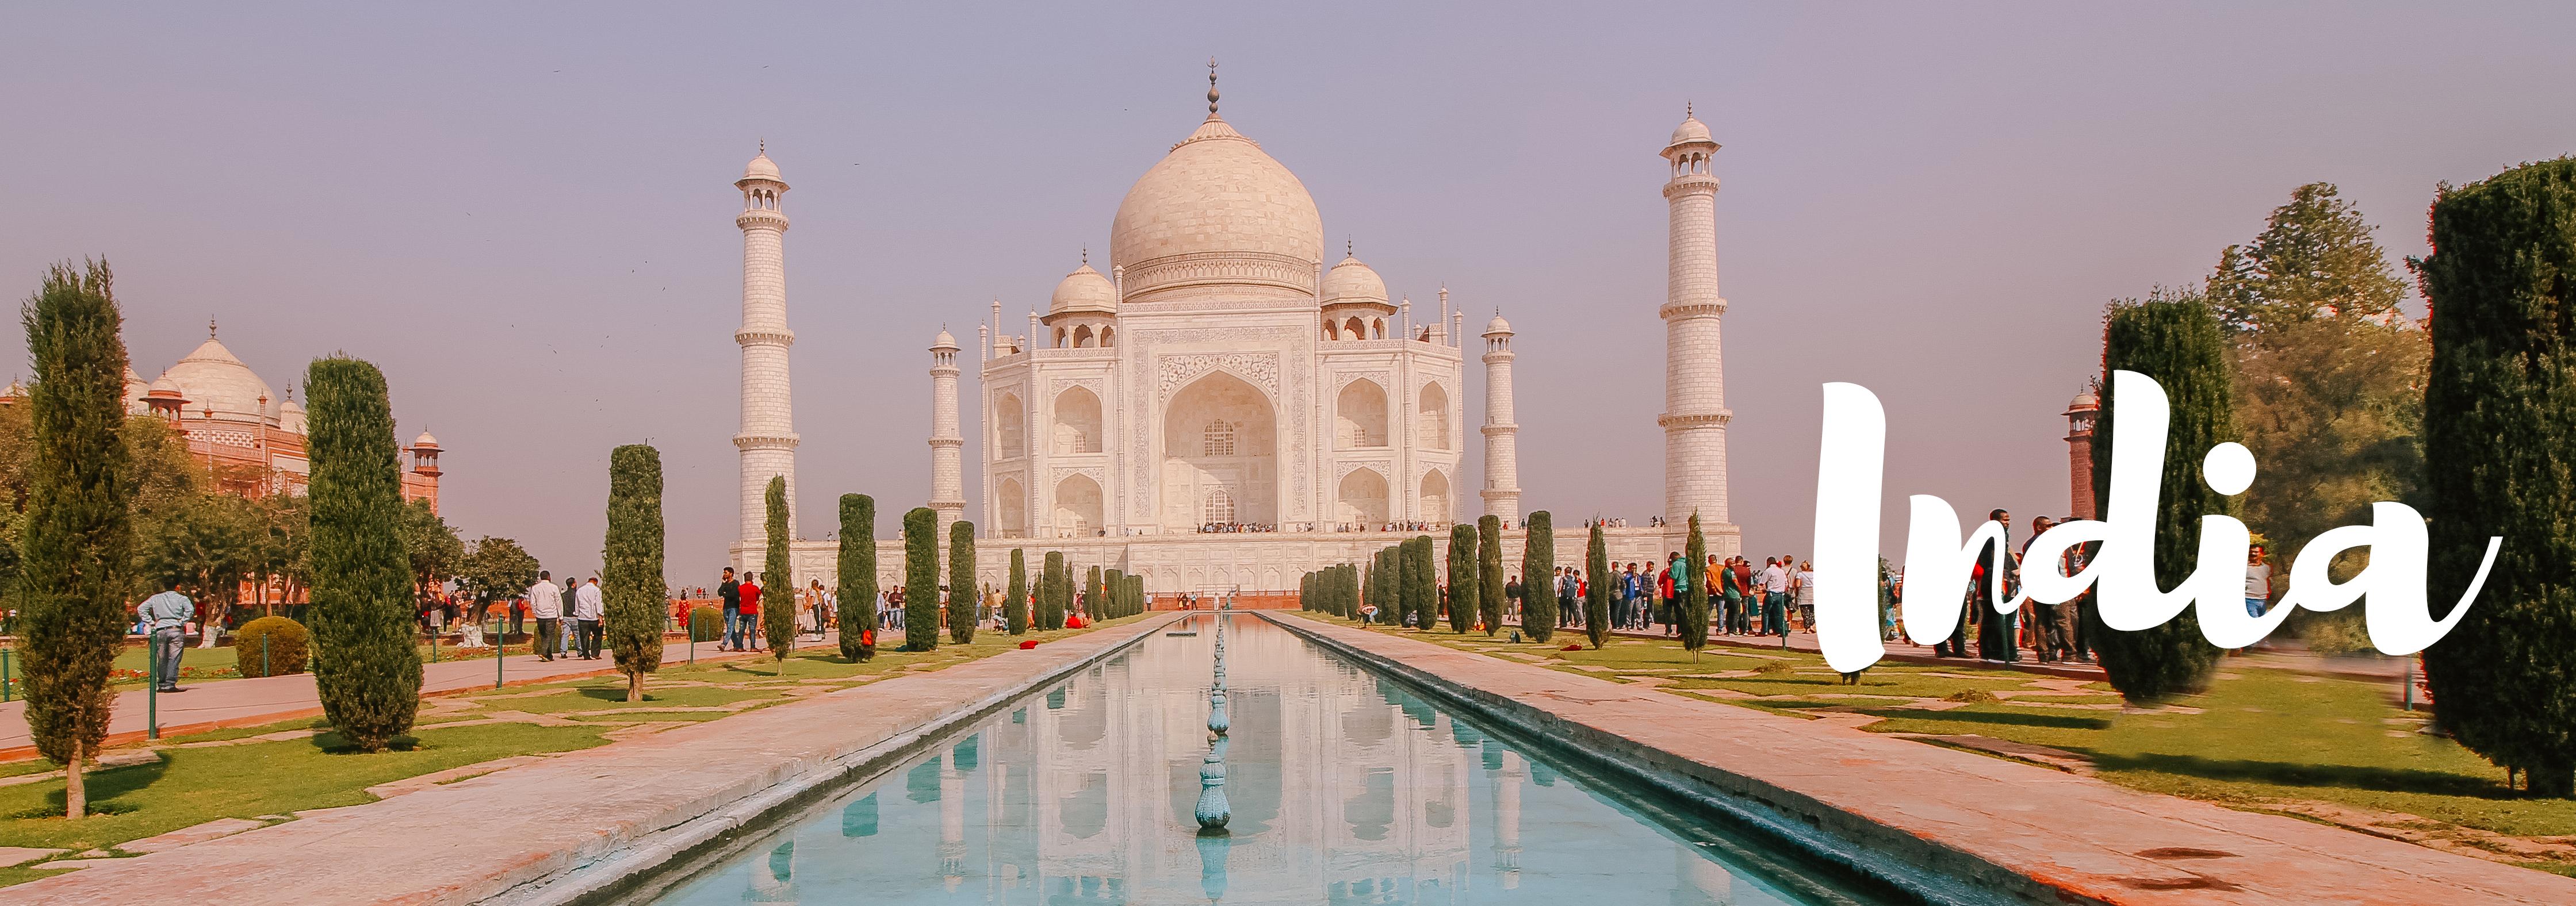 India-wherelifeisgreat